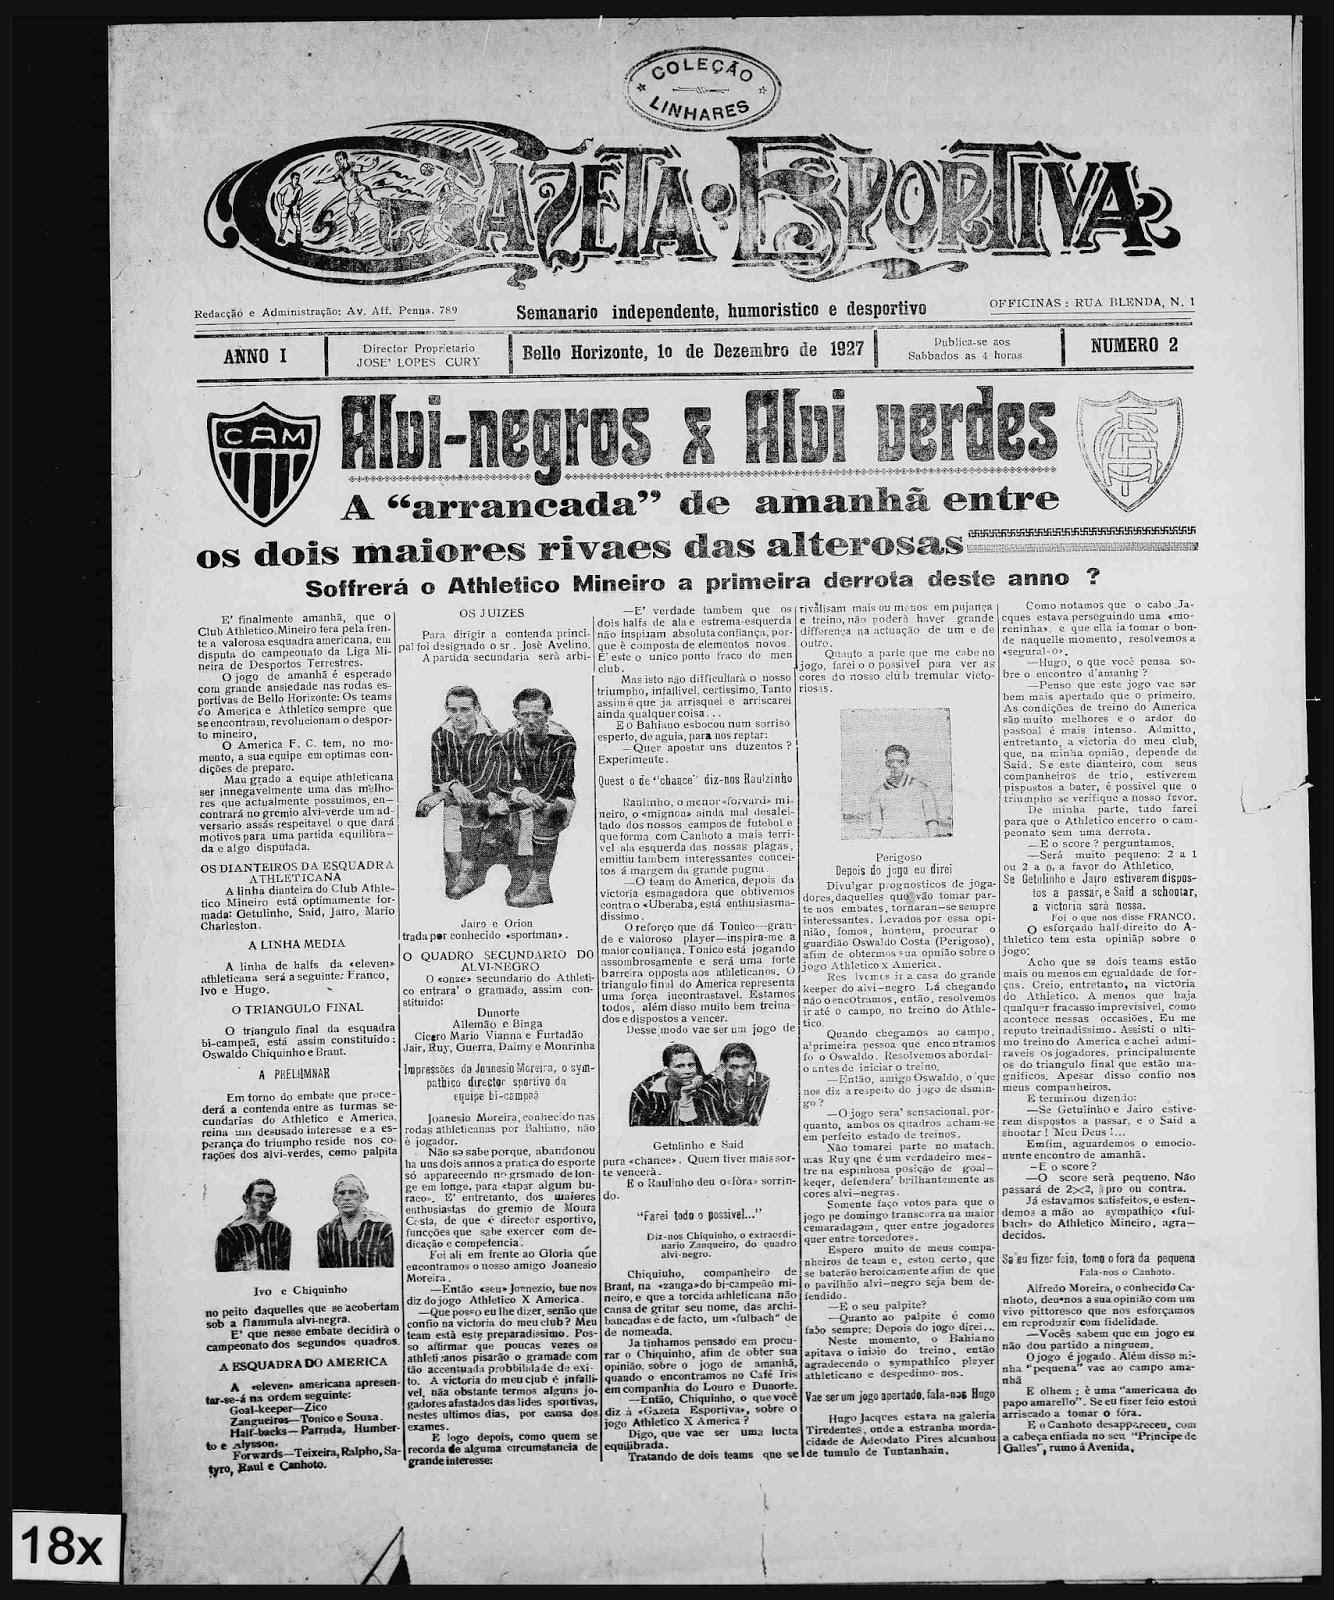 1917 - gazeta esportiva colecao linhares